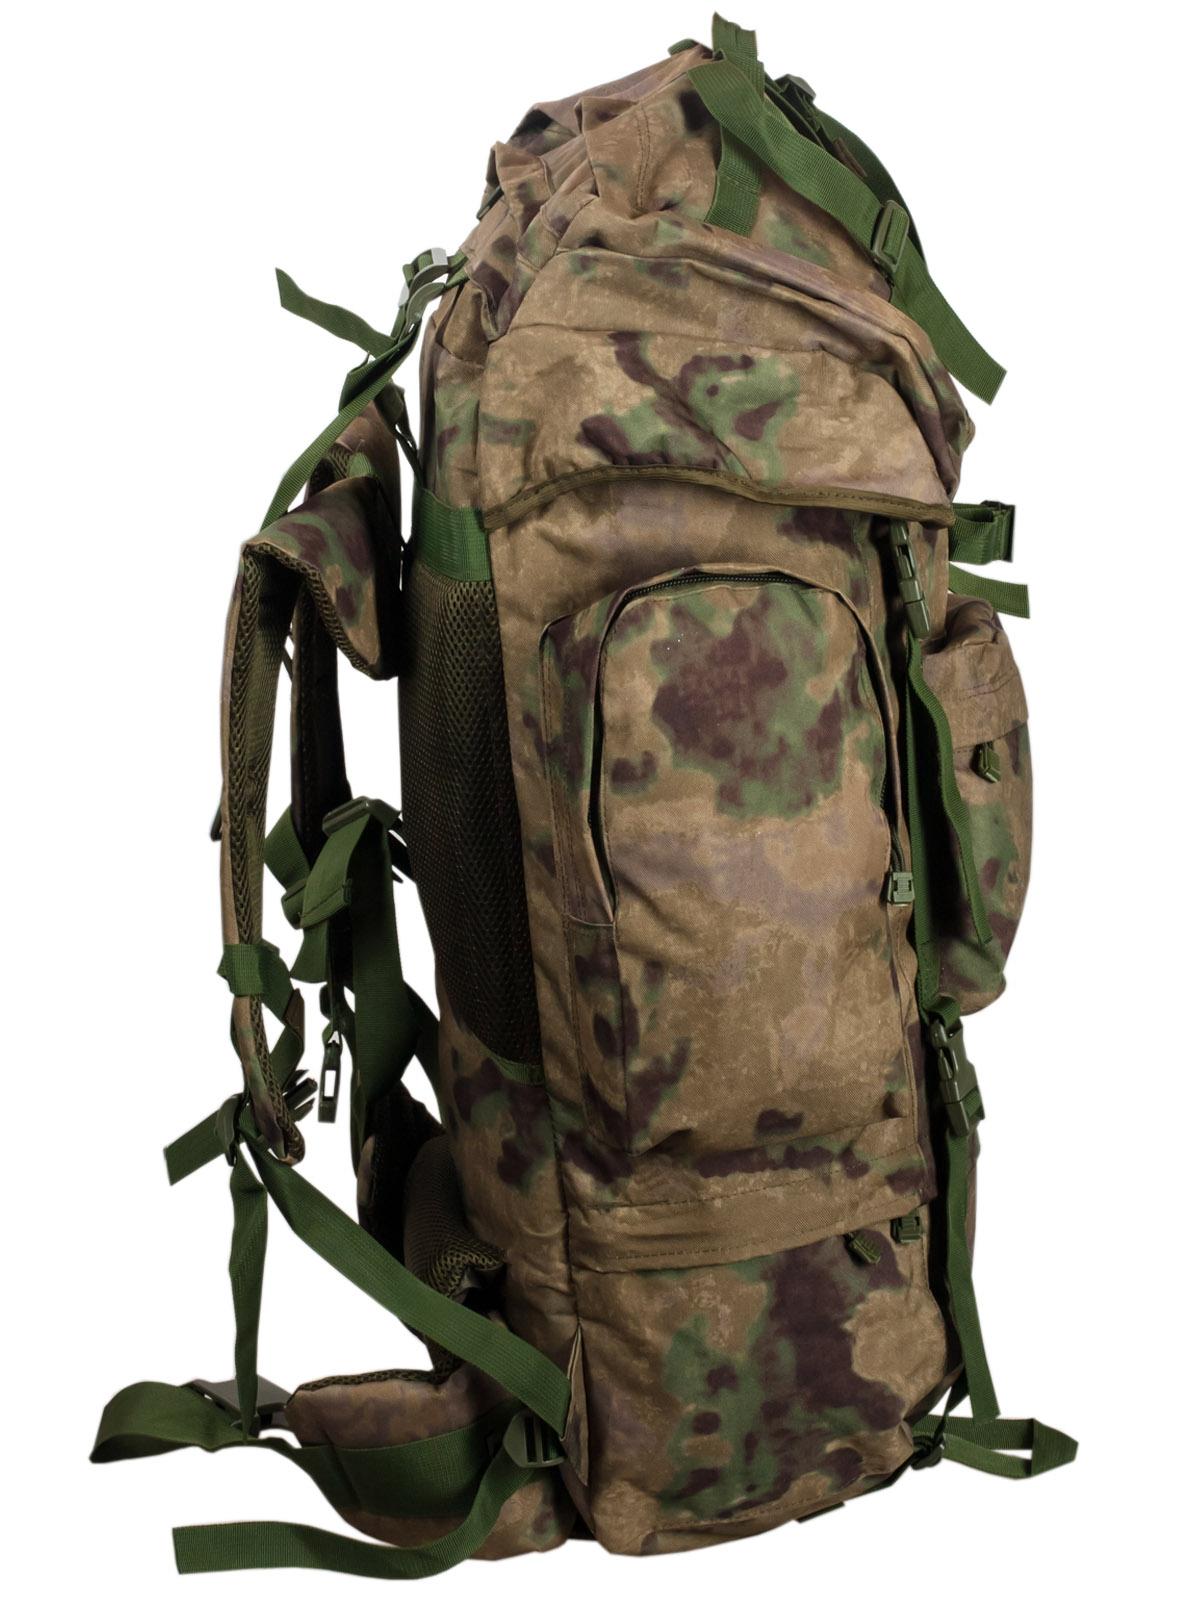 Походный вместительный ранец-рюкзак с нашивкой ДПС - купить онлайн